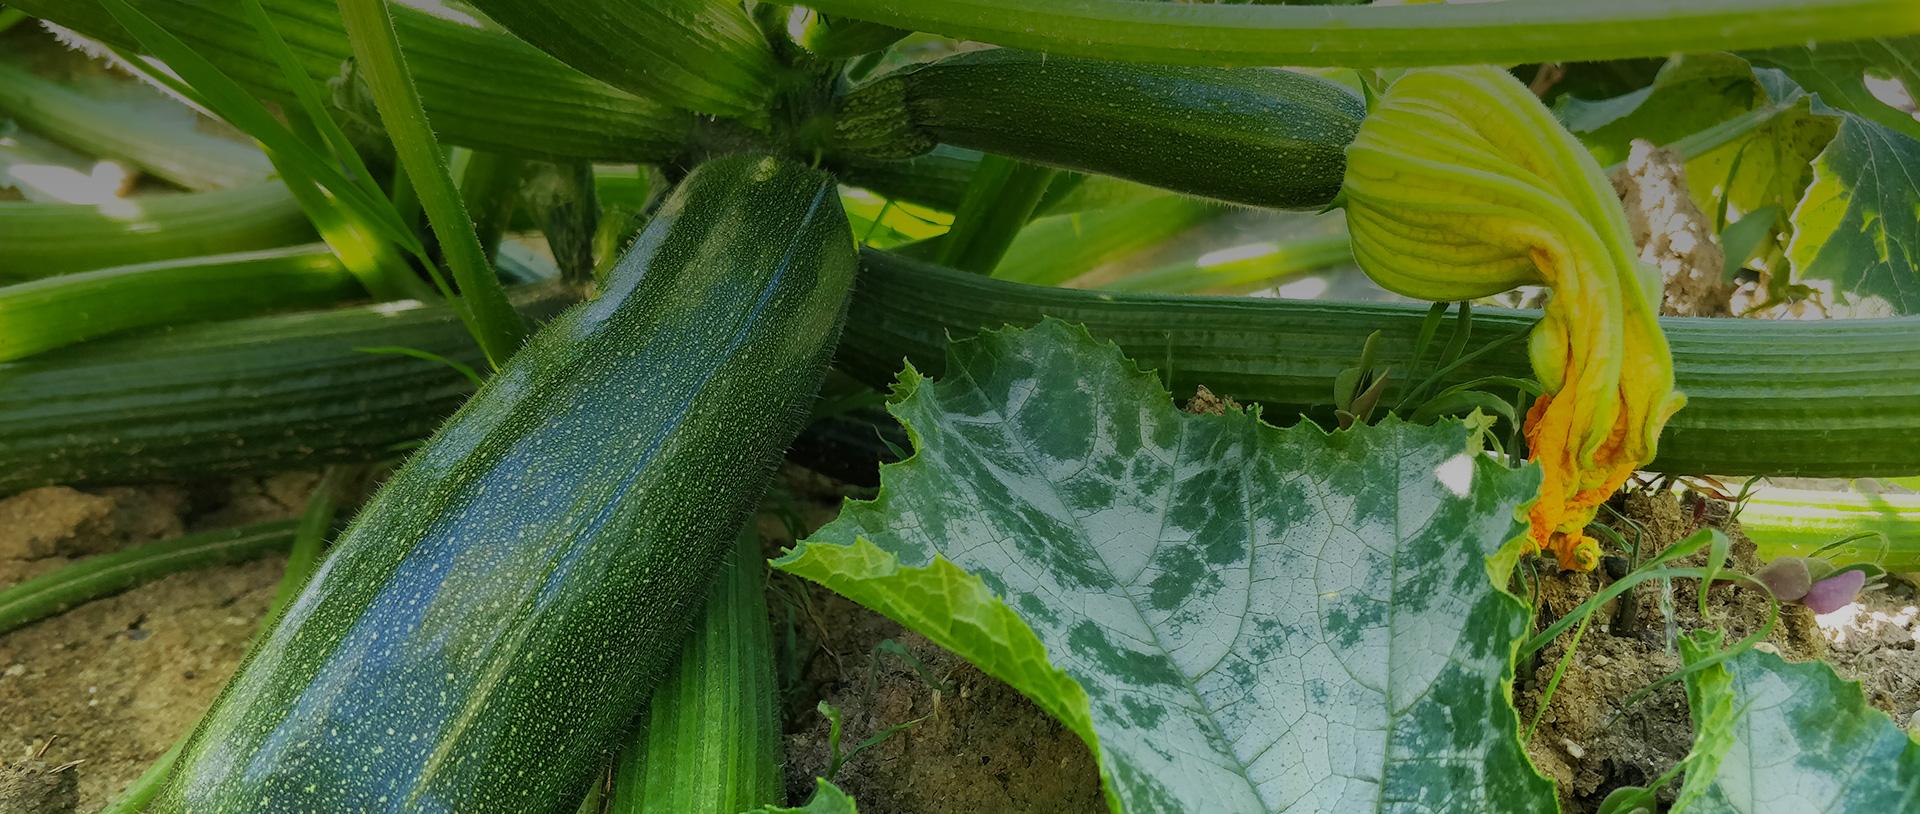 Vente directe de légumes dans le Tarn-et-Garonne